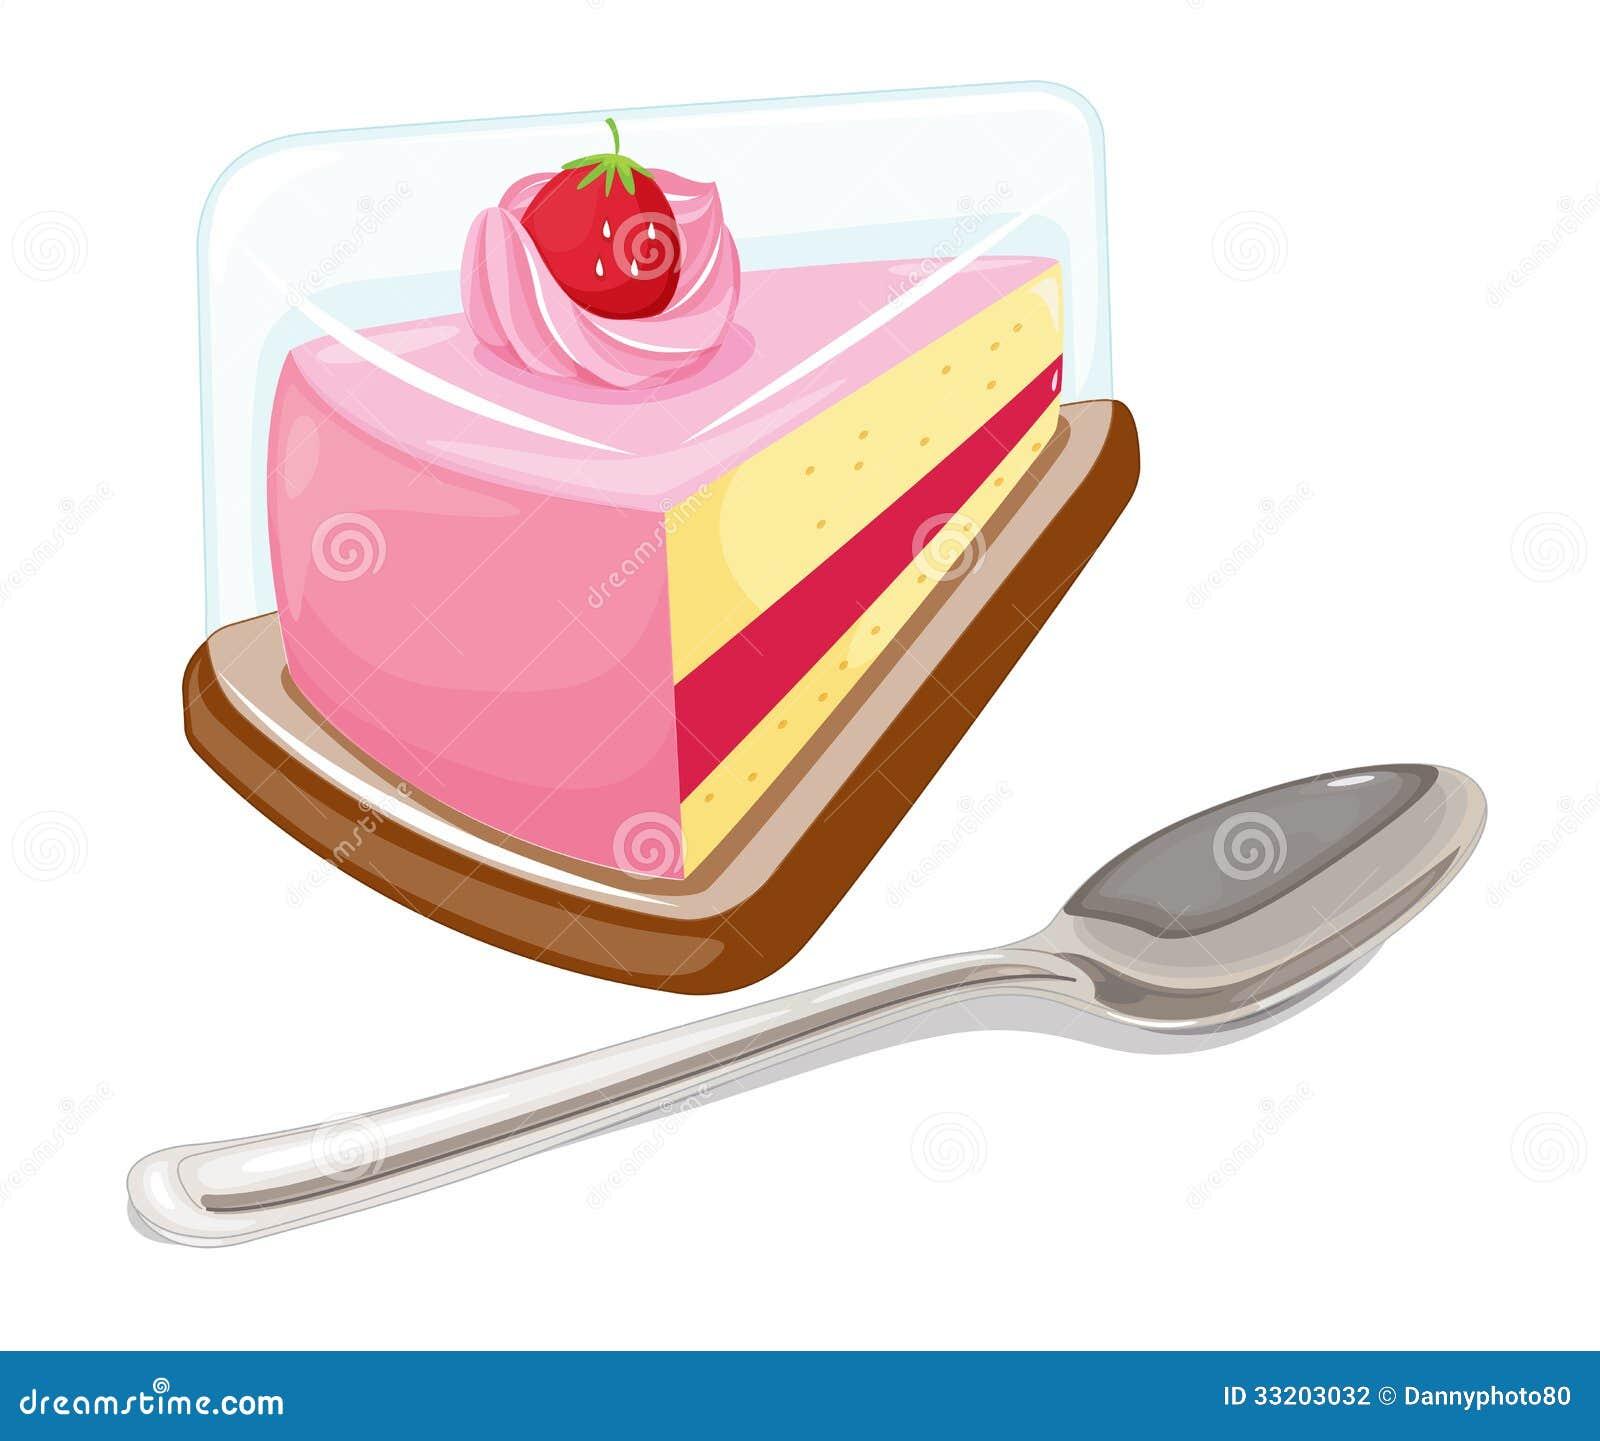 No Peice Of Cake